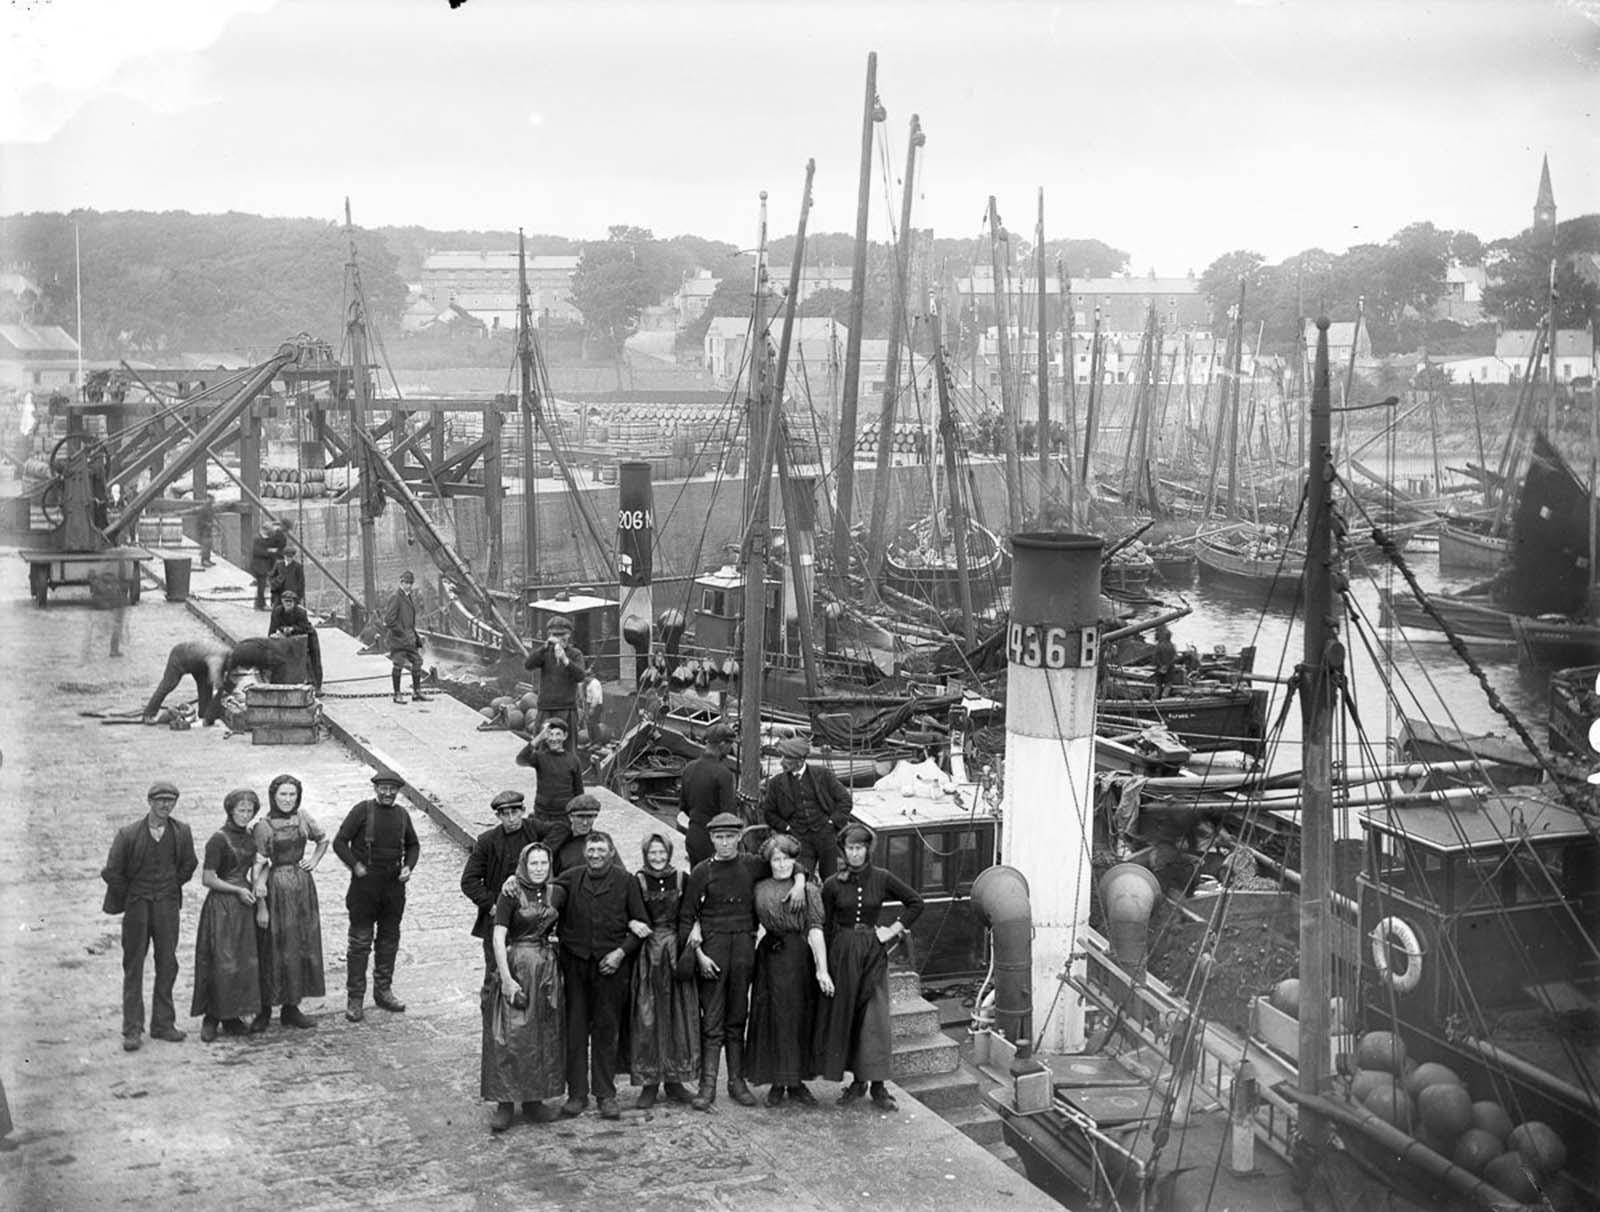 Fisher folk of Ardglass, County Down. 1910.